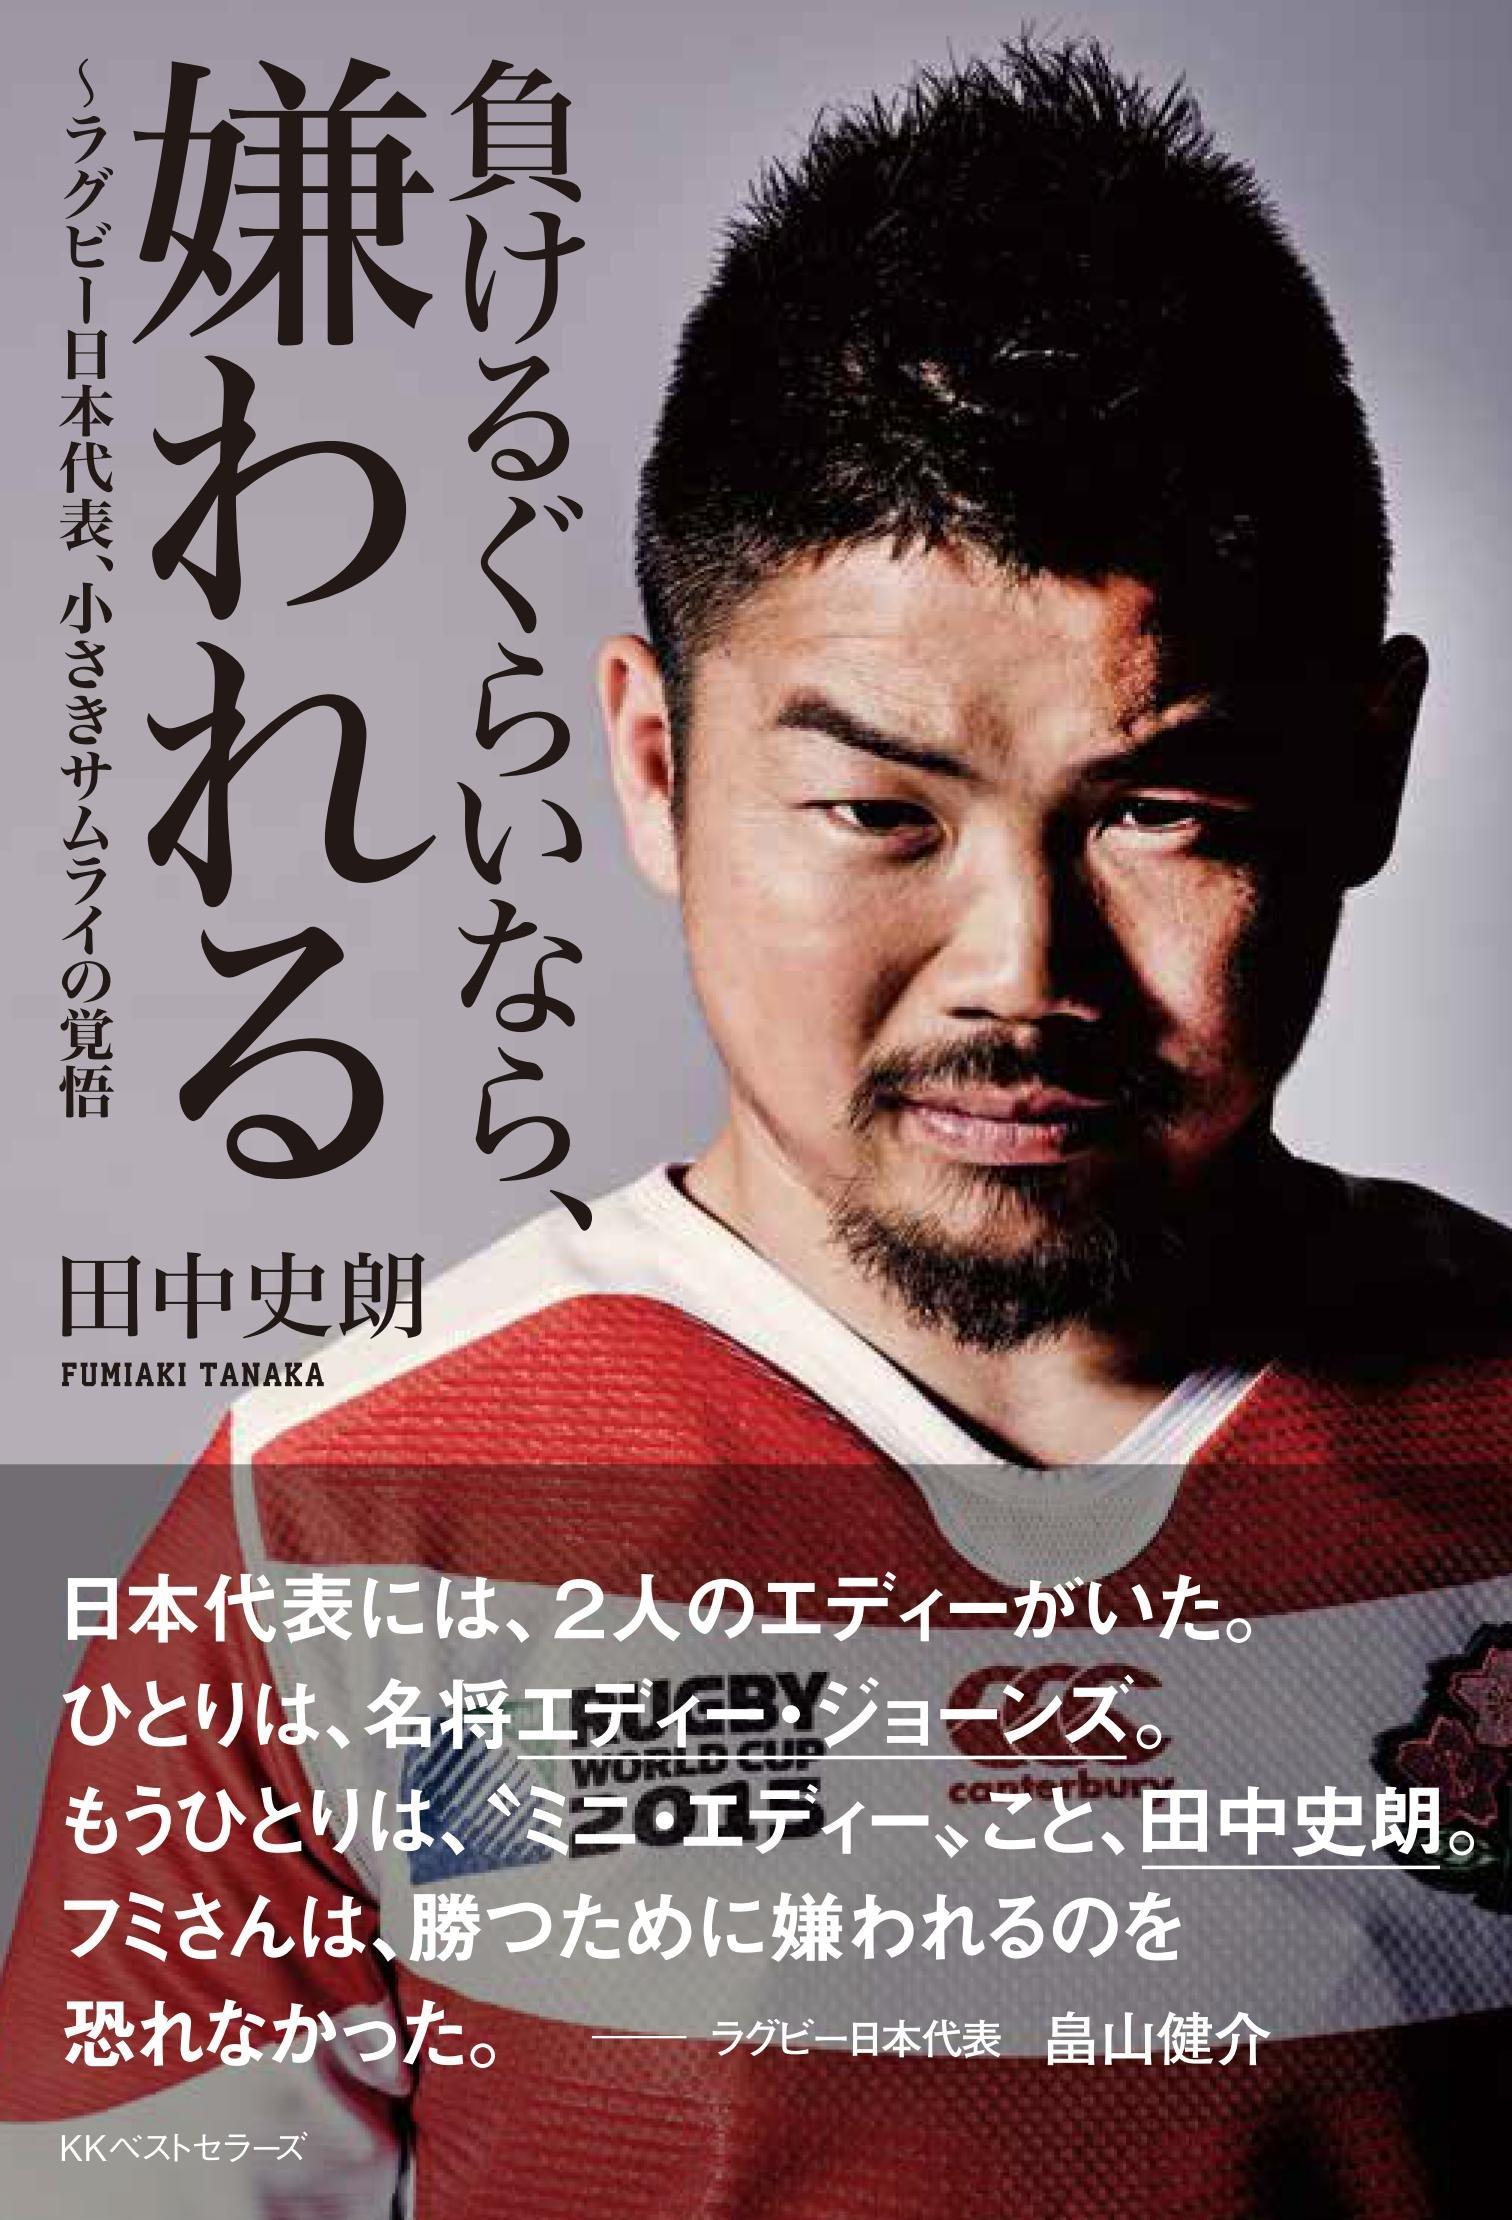 田中 史朗(Fumiaki Tanaka)